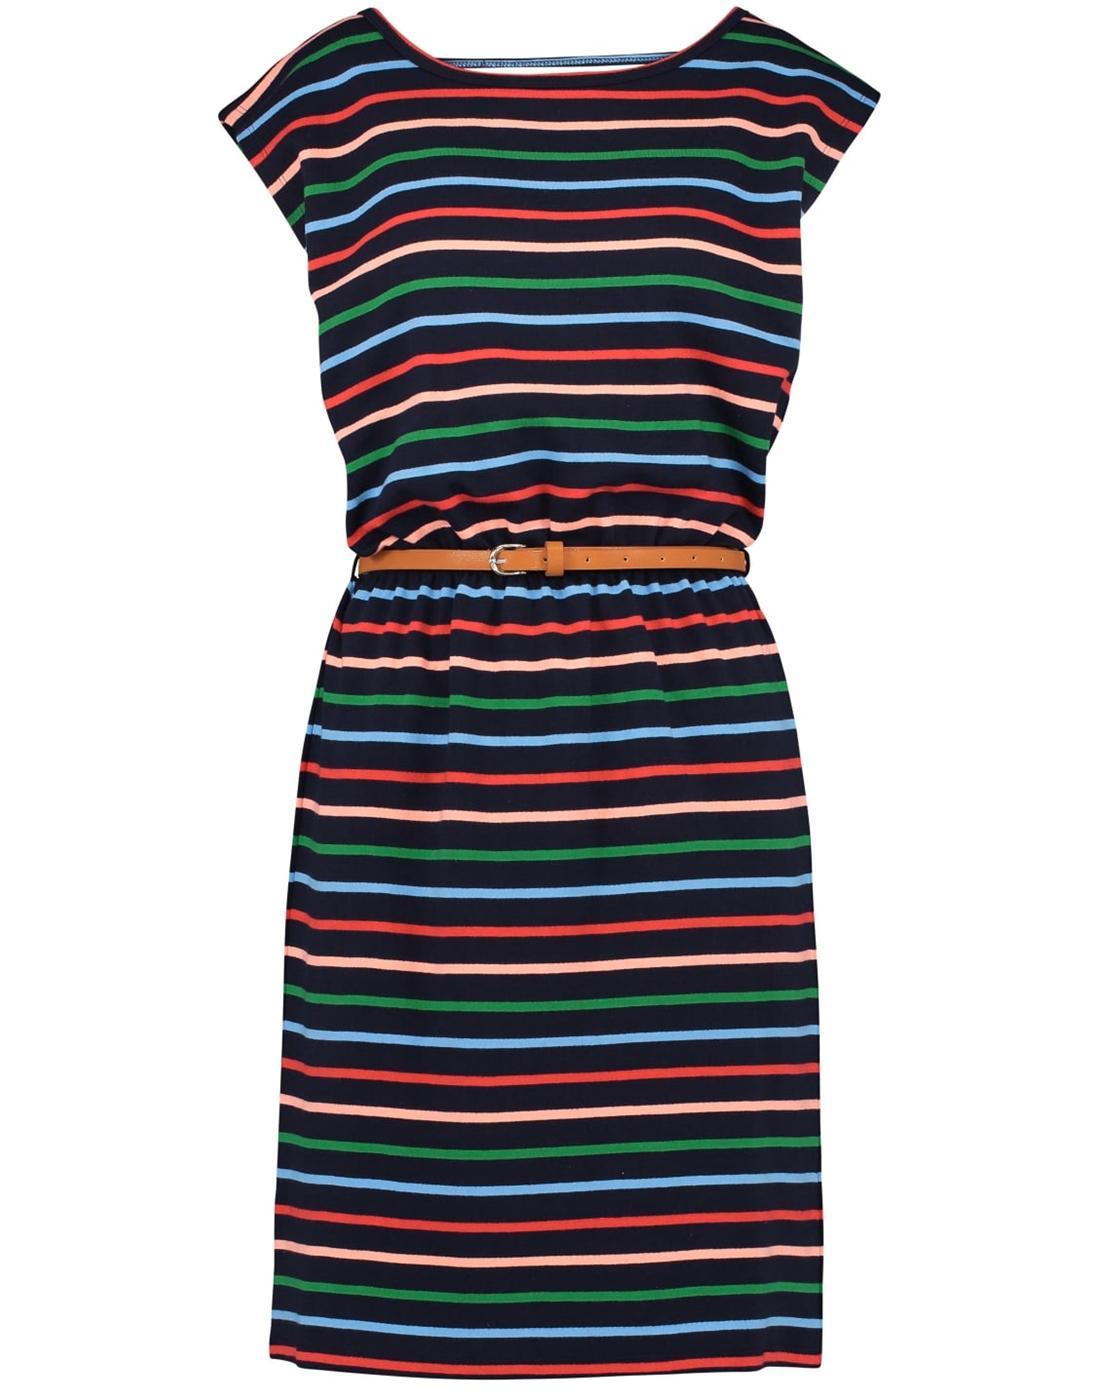 Hetty SUGARHILL BOUTIQUE Retro Striped 70s Dress